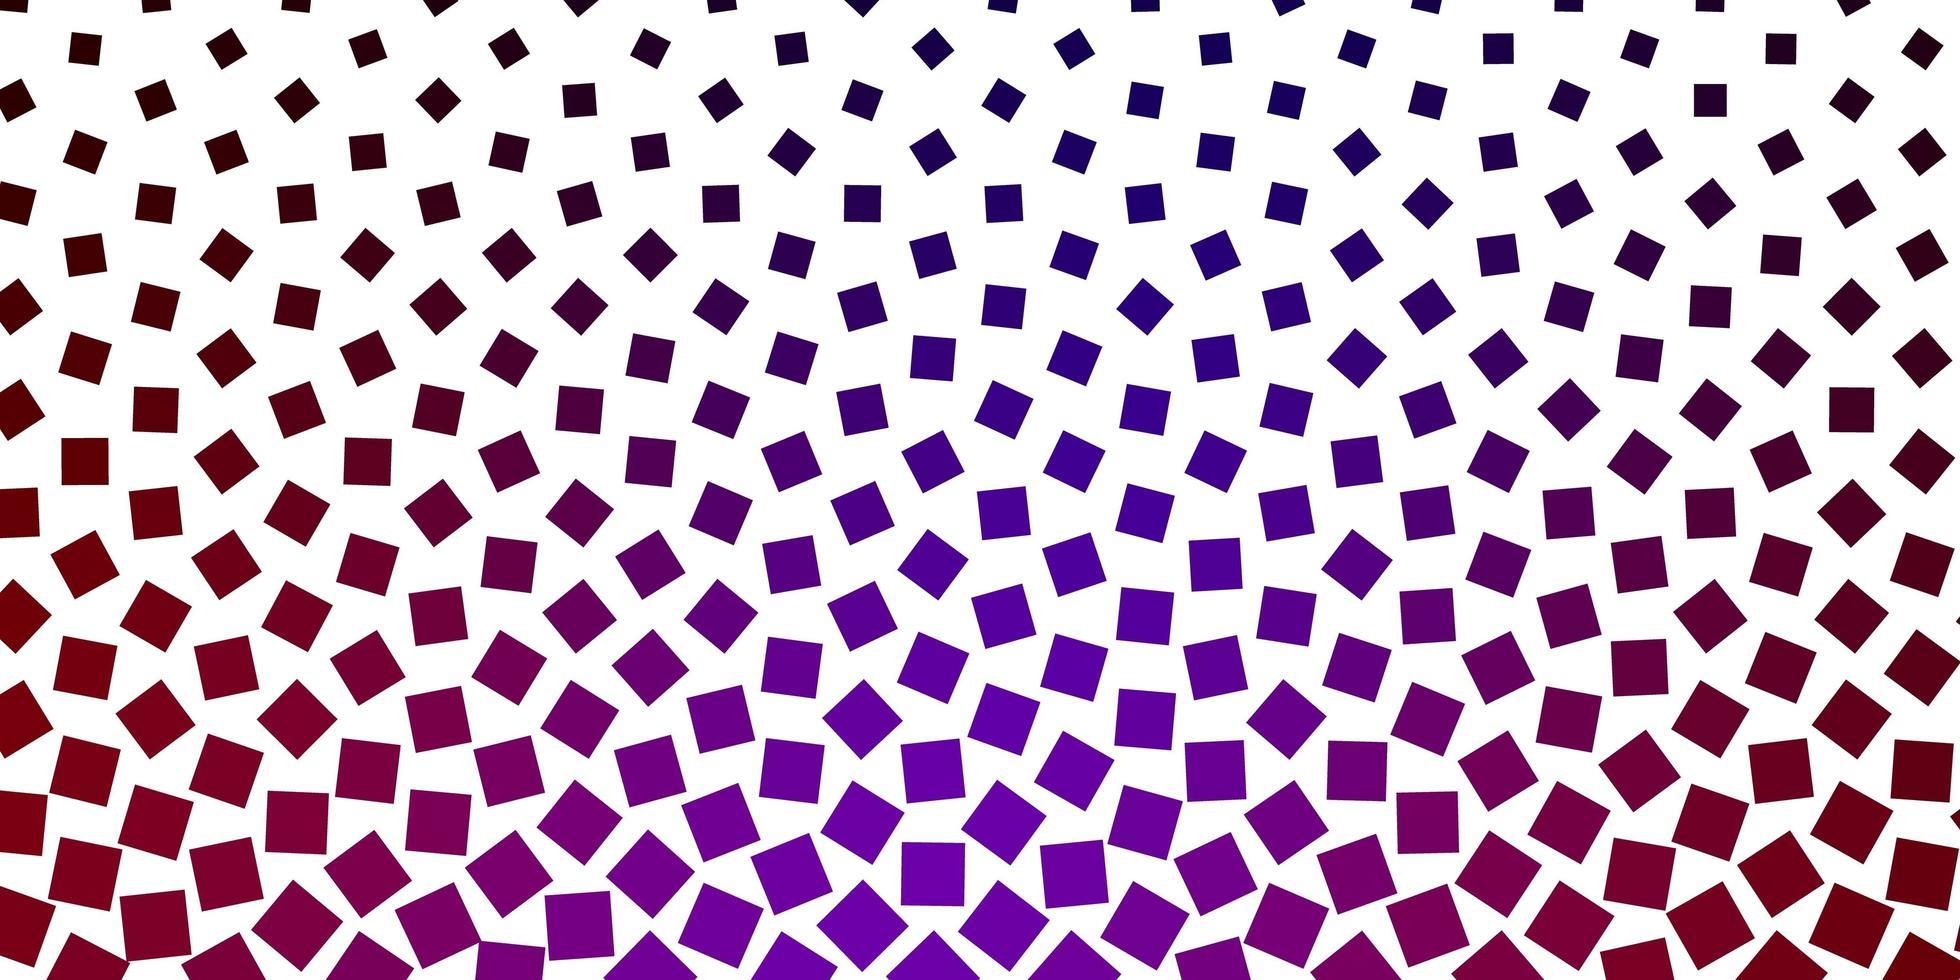 dunkelrotes und lila Layout mit Quadraten. vektor